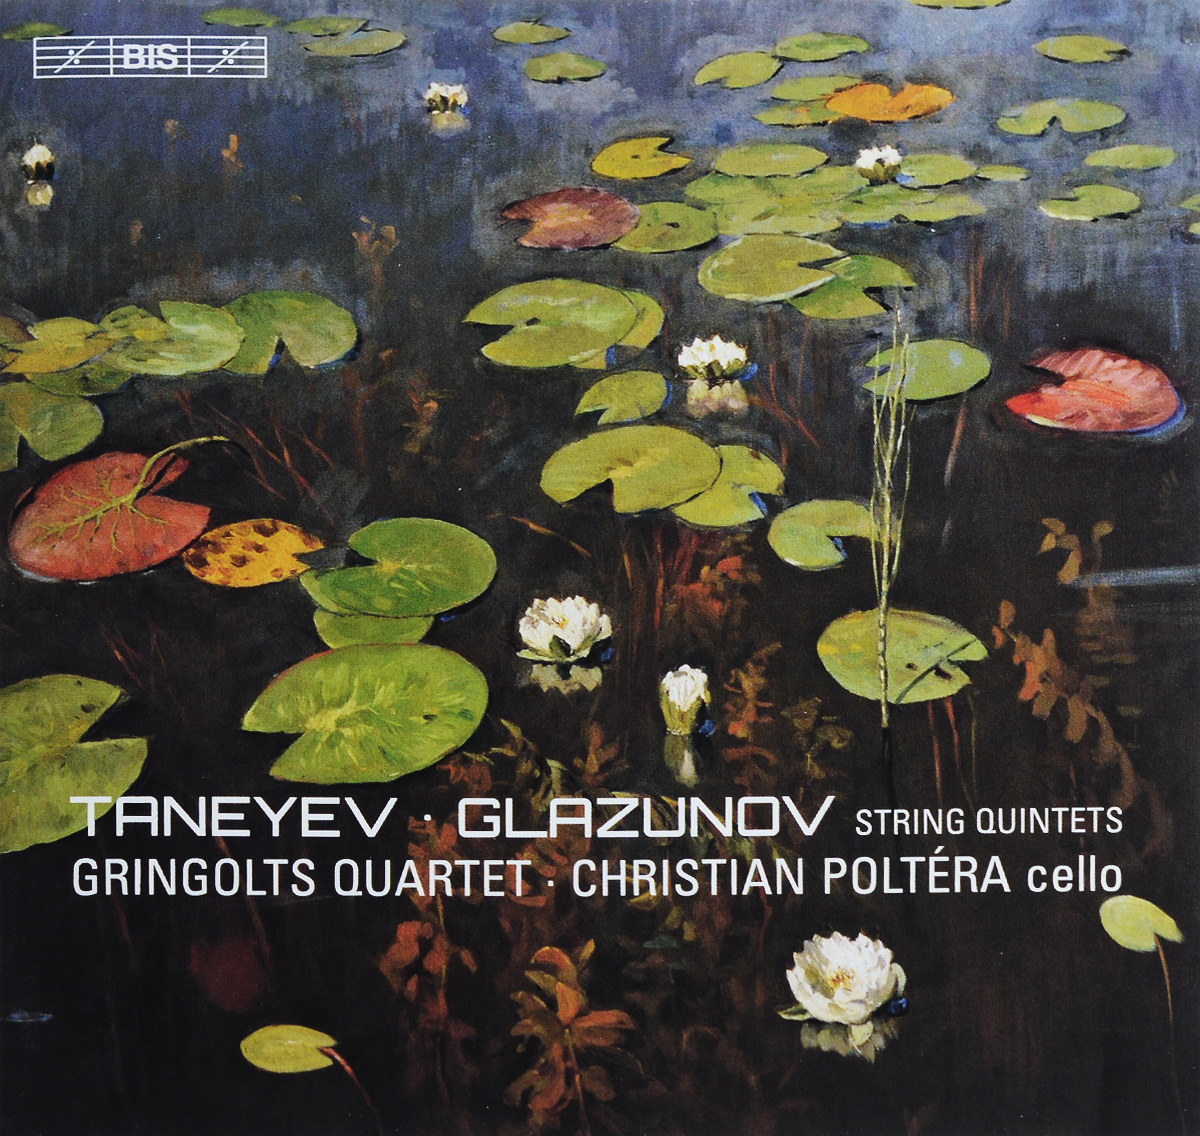 Gringolts String Quartet,Кристиан Полтера Gringolts String Quartet, Christian Poltera. Taneyev, Glazunov. String Quintets (SACD) h bouma souvenir de perugia for string quartet